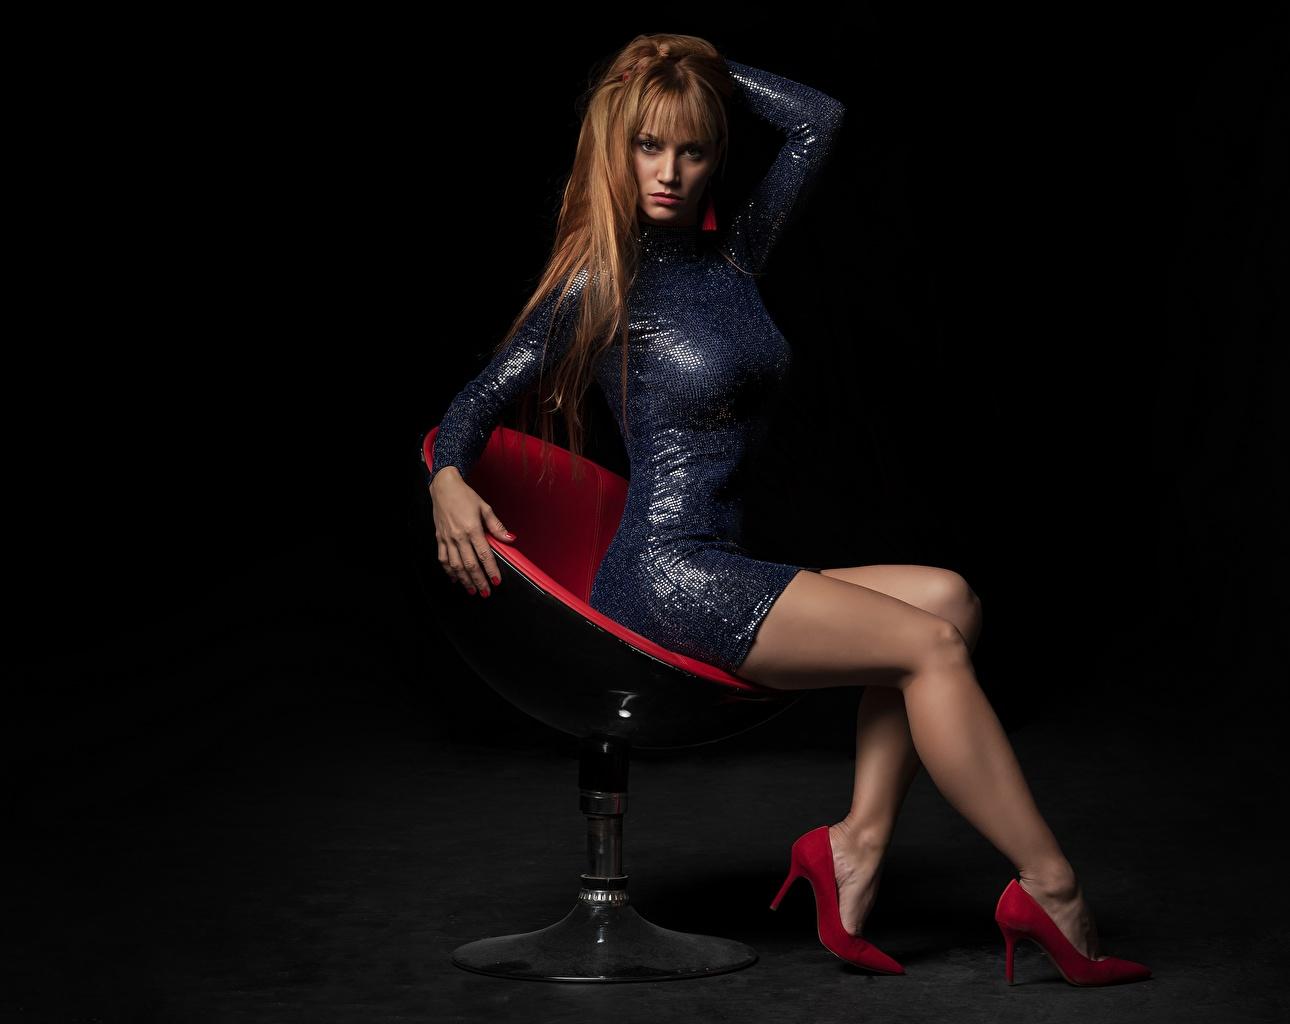 Обои для рабочего стола Рыжая Красивые Волосы девушка Ноги Кресло сидящие смотрит Платье рыжих рыжие красивый красивая волос Девушки молодые женщины молодая женщина ног сидя Сидит Взгляд смотрят платья